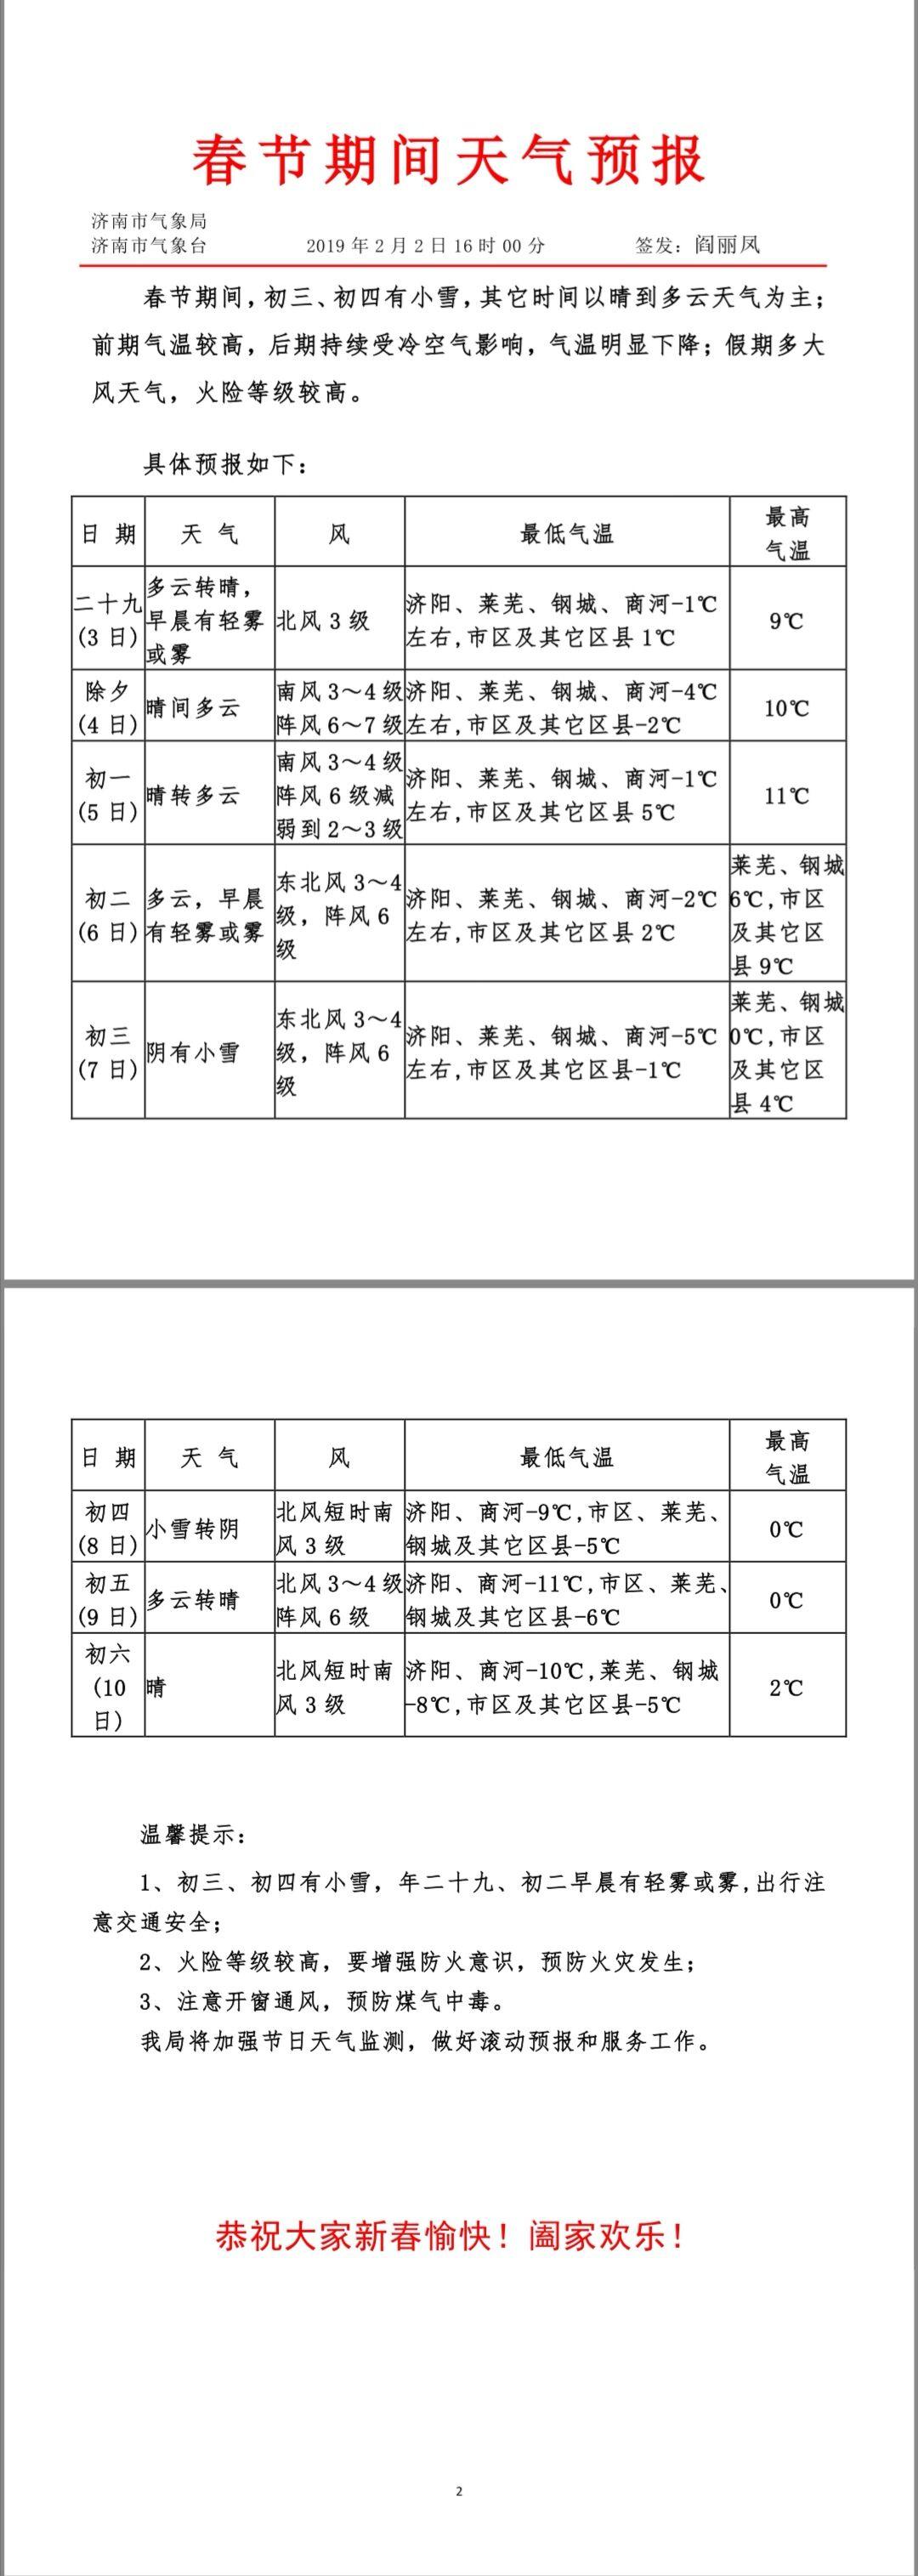 最全春节济南天气预报来了,初三初四有小雪